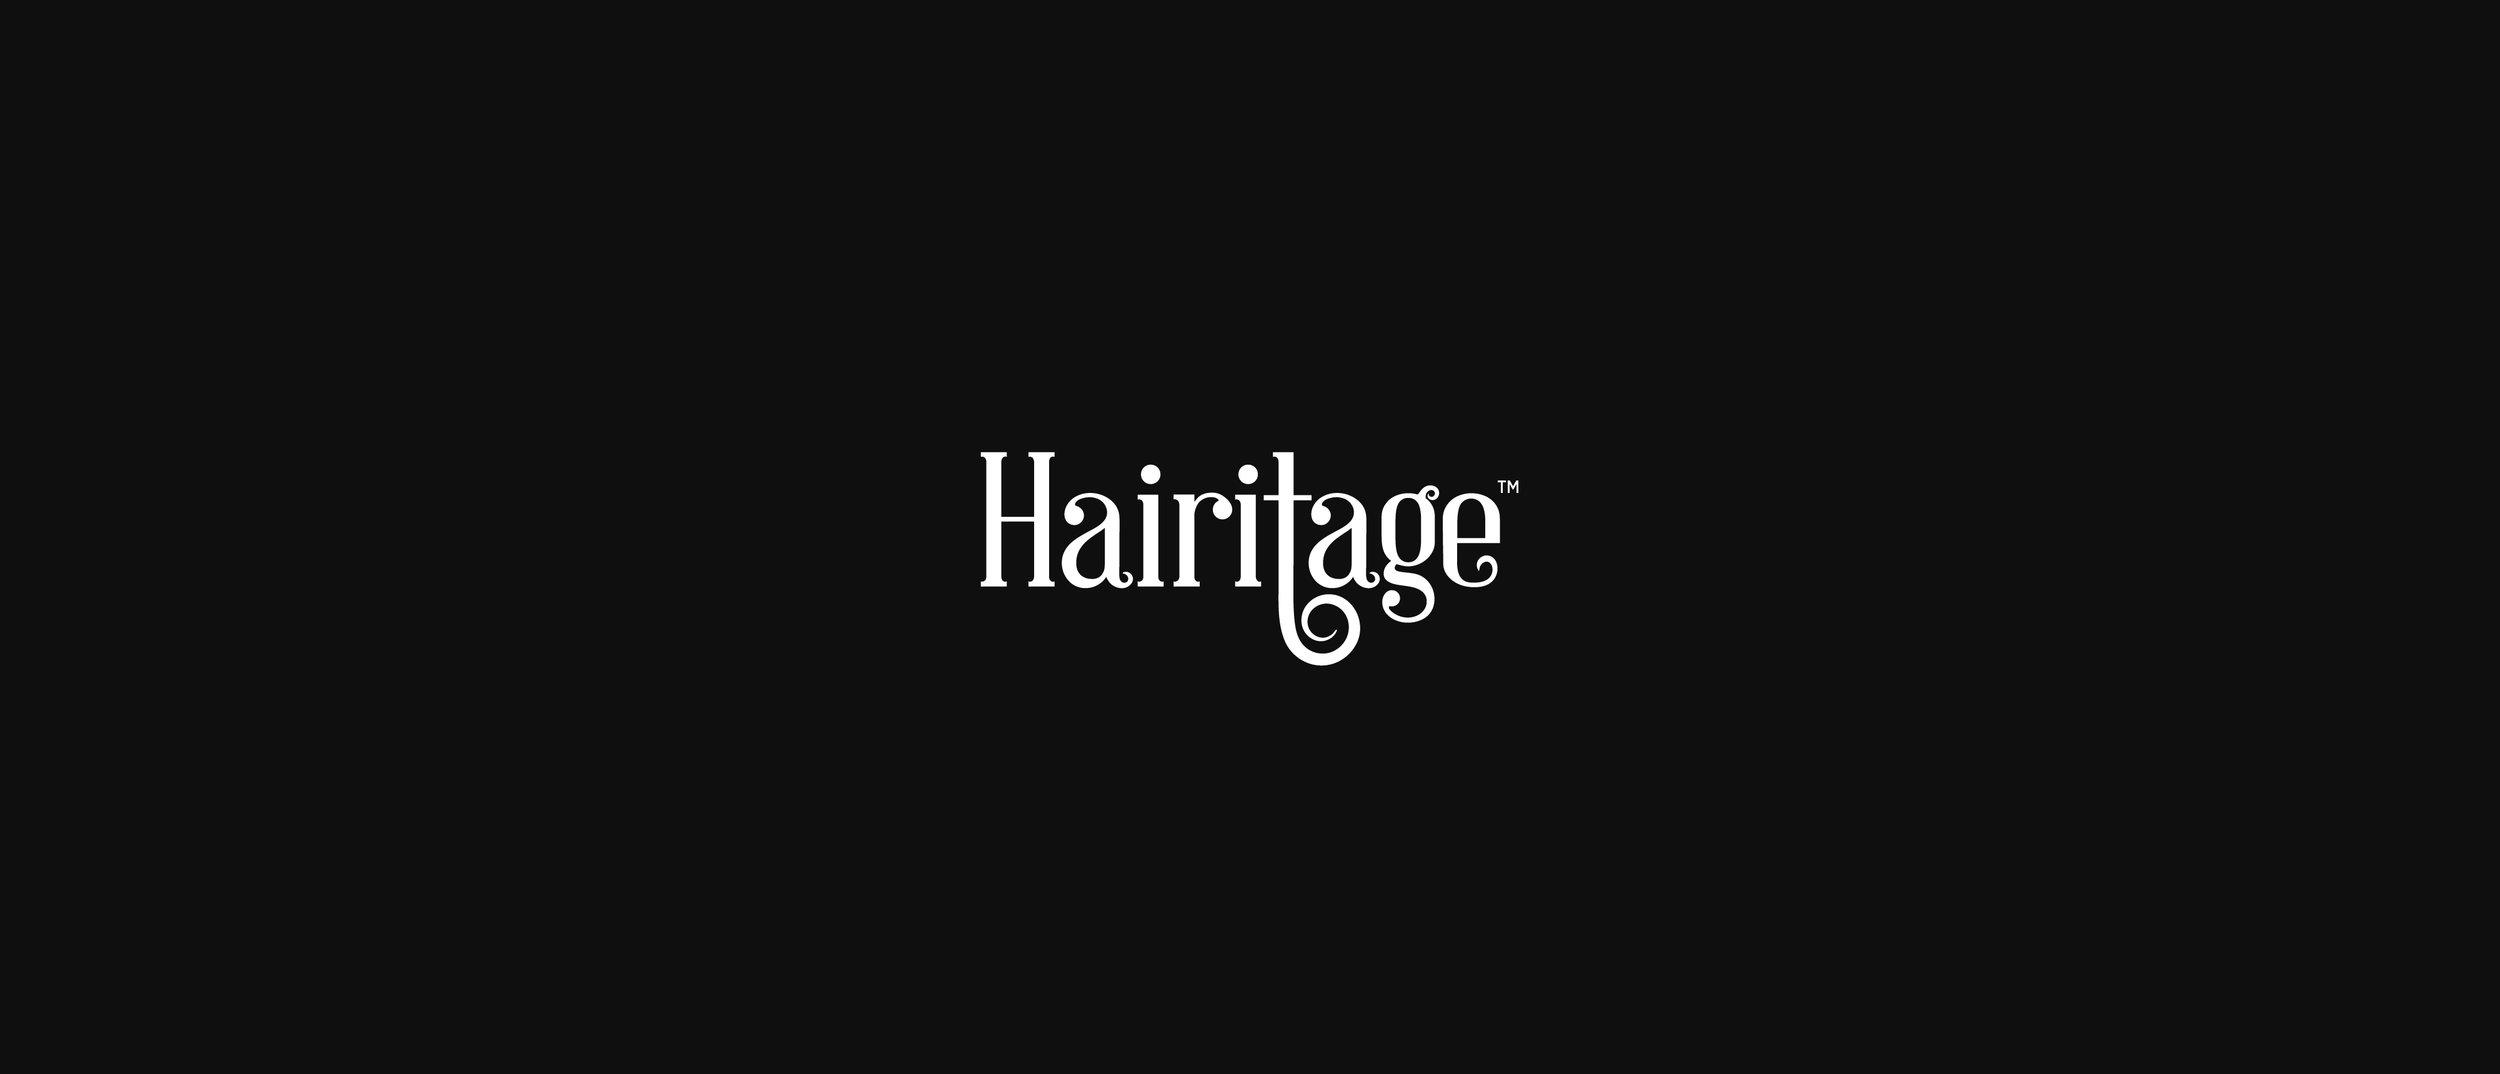 Hairitage | Bespoke Hair & MakeUp Studio  | 2016